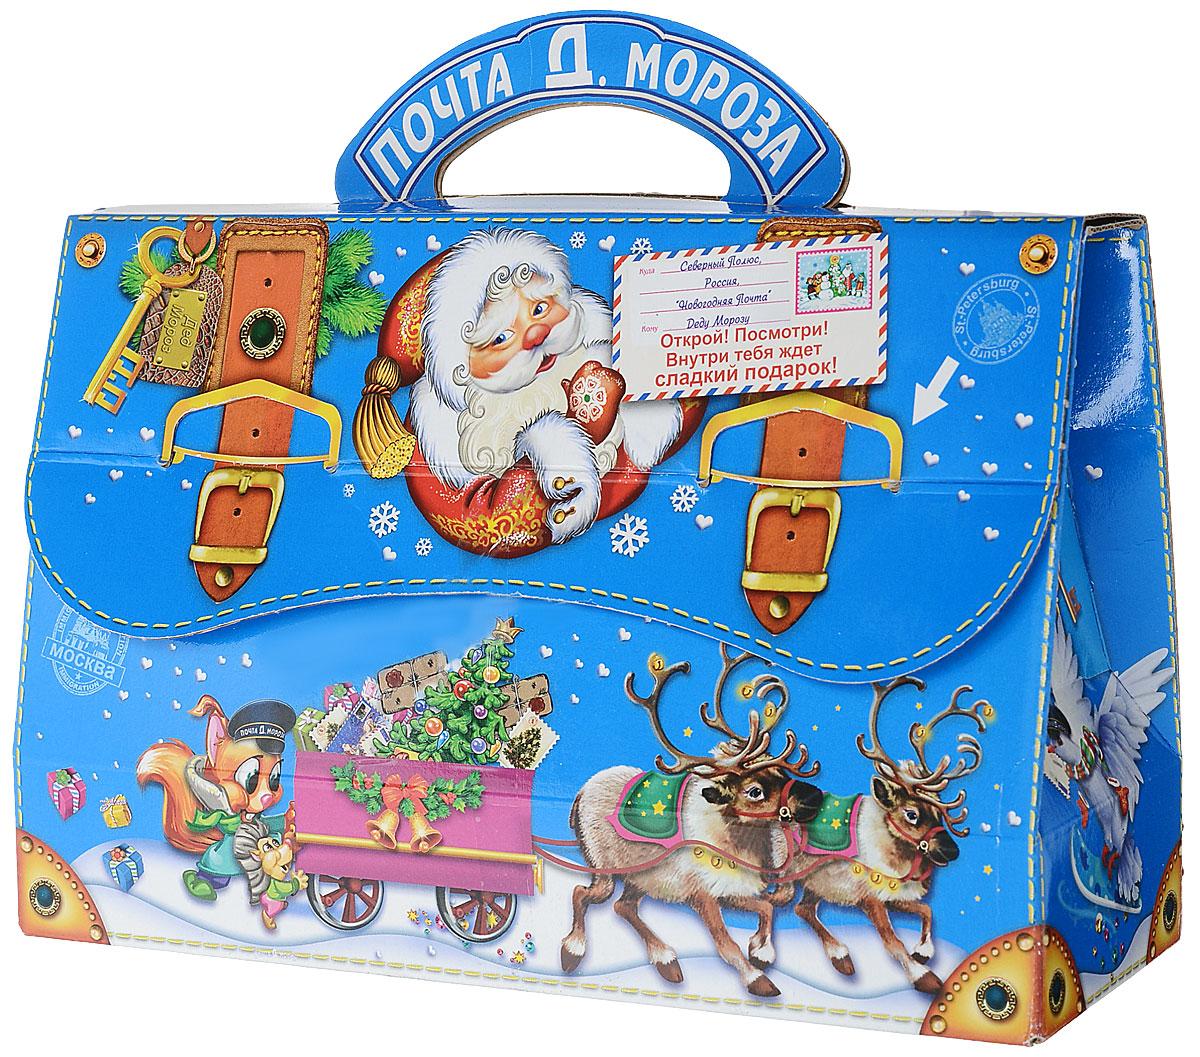 Сладкий новогодний подарок Почта Деда Мороза 2, 600 г1551Новогодние подарки в картонной упаковке считаются самыми популярными для поздравления детей в детских садах и школах, с каждым годом остаются лидерами продаж. Сладкий Новогодний подарок  Почта Деда Мороза  очарует любого малыша своей яркой, разноцветной упаковкой, а прекрасно подобранный состав кондитерских изделий от самых известных производителей позволит в полной мере насладиться праздником. Прекрасный вариант поздравления детей на утренниках в детских садах и школах.Уважаемые клиенты!Обращаем ваше внимание на возможные изменения в дизайне упаковки. Качественные характеристики товара остаются неизменными. Поставка осуществляется в зависимости от наличия на складе.Уважаемые клиенты! Обращаем ваше внимание, что полный перечень состава продукта представлен на дополнительном изображении.